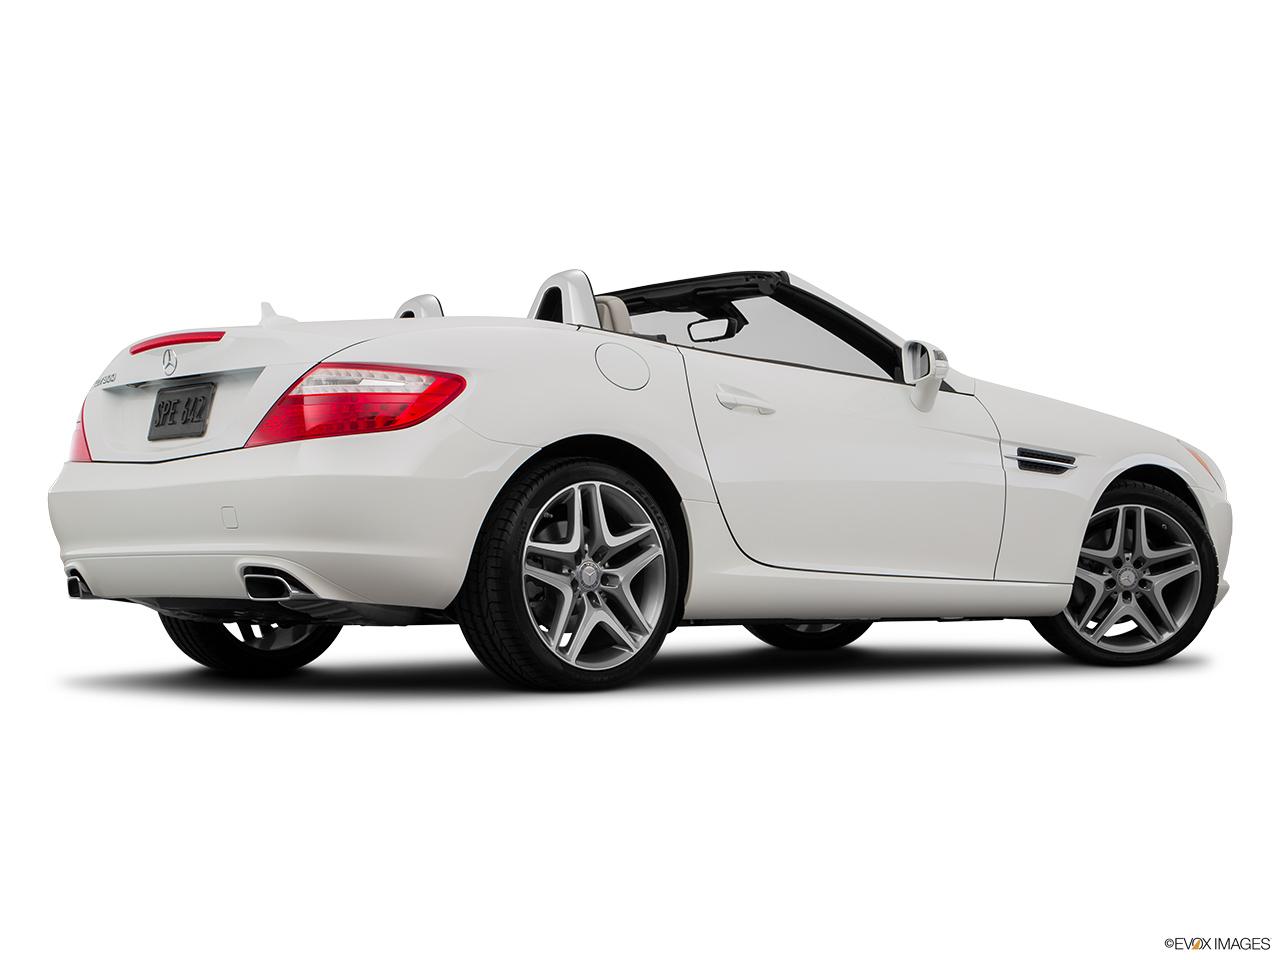 Car Pictures List For Mercedes Benz Slk Class 2016 Slk 350